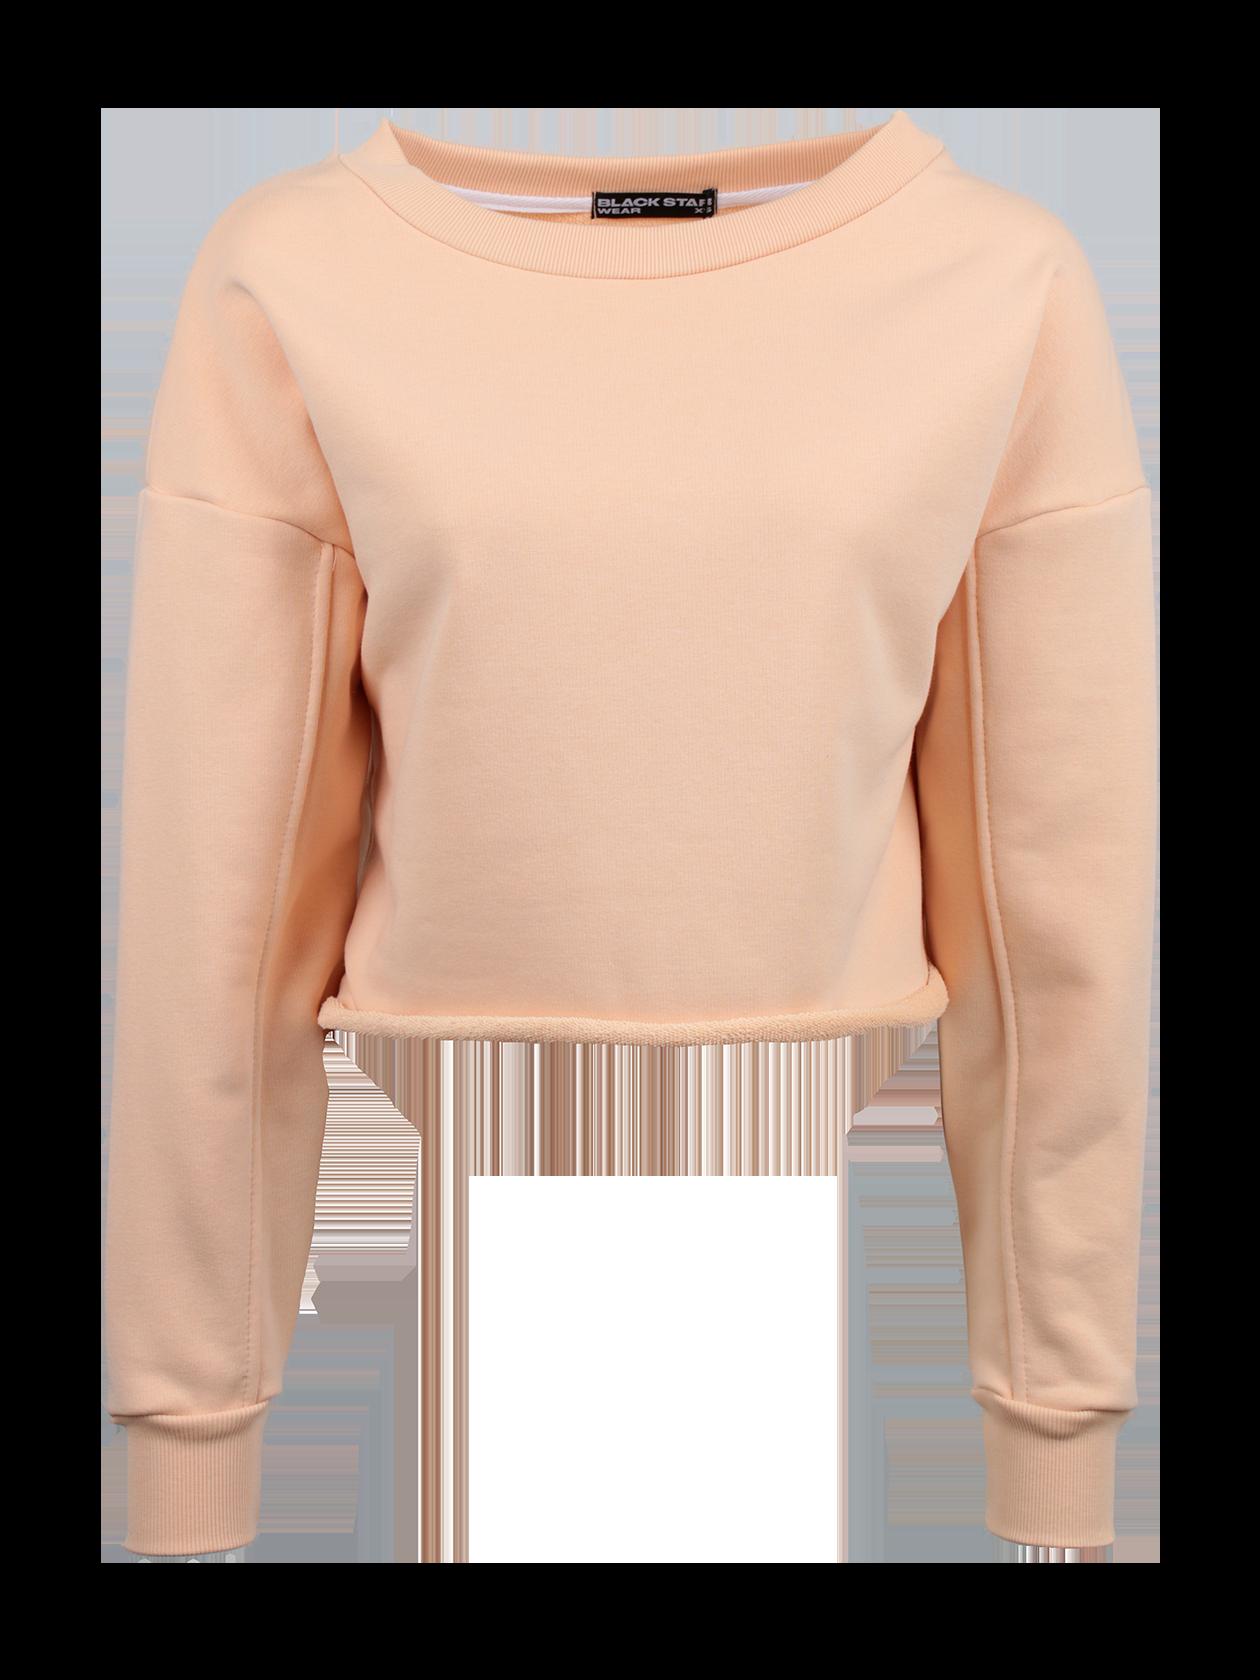 Худи женская PEACHМодная худи женская Peach из коллекции одежды Black Star Wear придаст выразительности каждодневному образу. Модель свободного укороченного кроя со спущенной линией плеча и двухшовным рукавом. Манжеты выполнены из гофрированного материала. Горловина выполнена в форме широкой лодочки, край оформлен эластичным трикотажем, внутри жаккардовый логотип Black Star Wear. Худи представлена в бледно розовом цвете.<br><br>Размер: S<br>Цвет: Бежевый<br>Пол: Женский